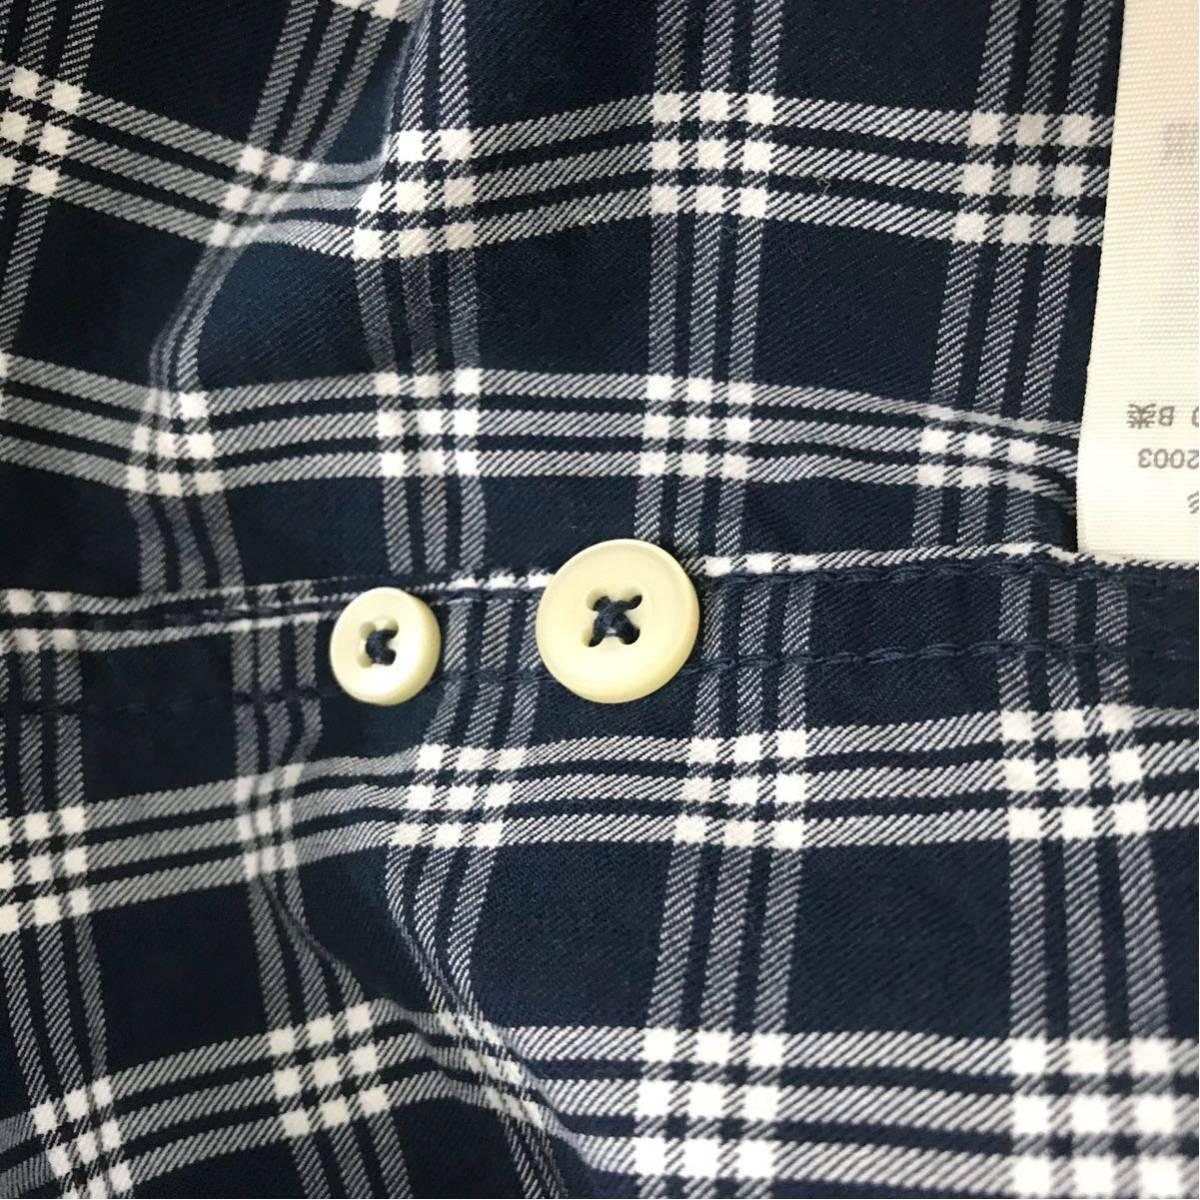 アバクロ Abercrombie&Fitch アバクロンビー&フィッチ 良品 ファッション 衣類 ギンガムチェック 長袖 メンズ S175サイズ ♭◇